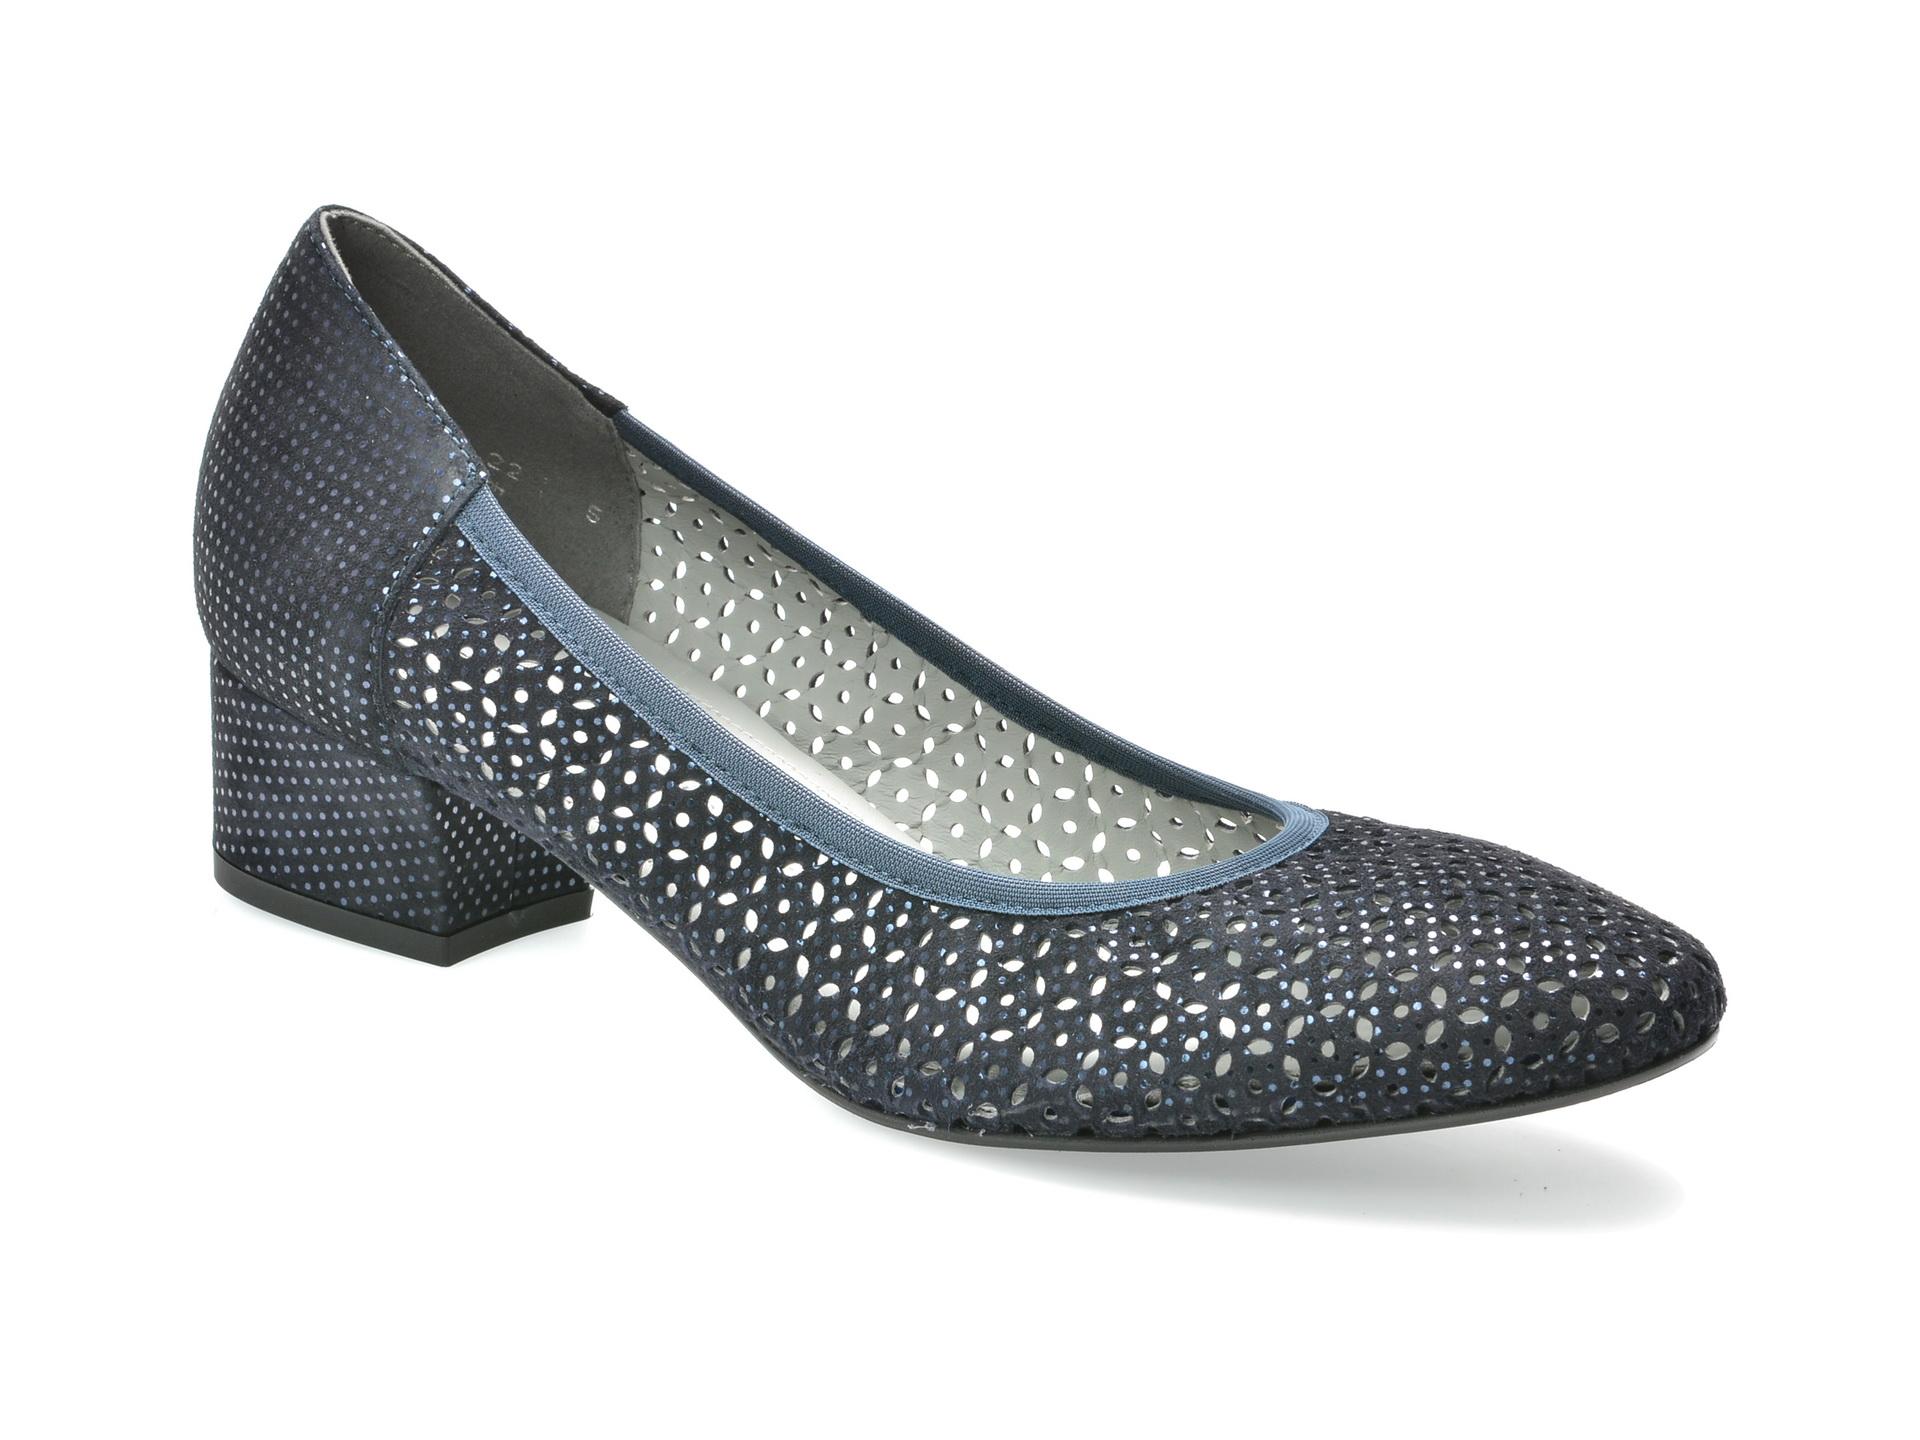 Pantofi SALAMANDER bleumarin, 18406, din piele naturala